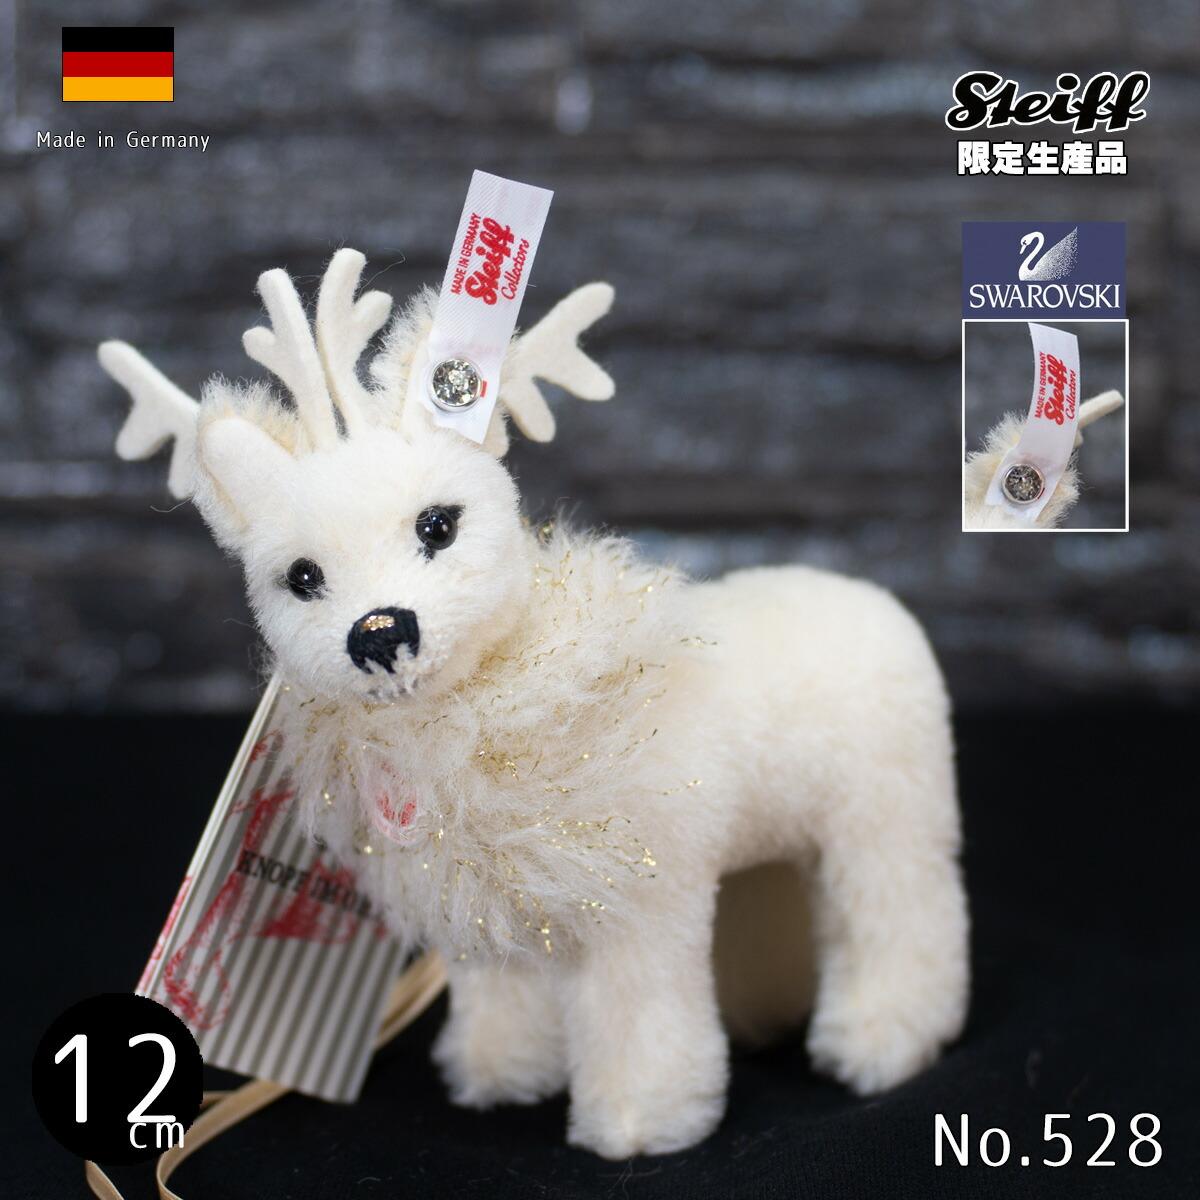 シュタイフ テディベア Steiff 世界限定ウィンタートナカイ テディベア 12cm ean006234 Winter reindeer ornament